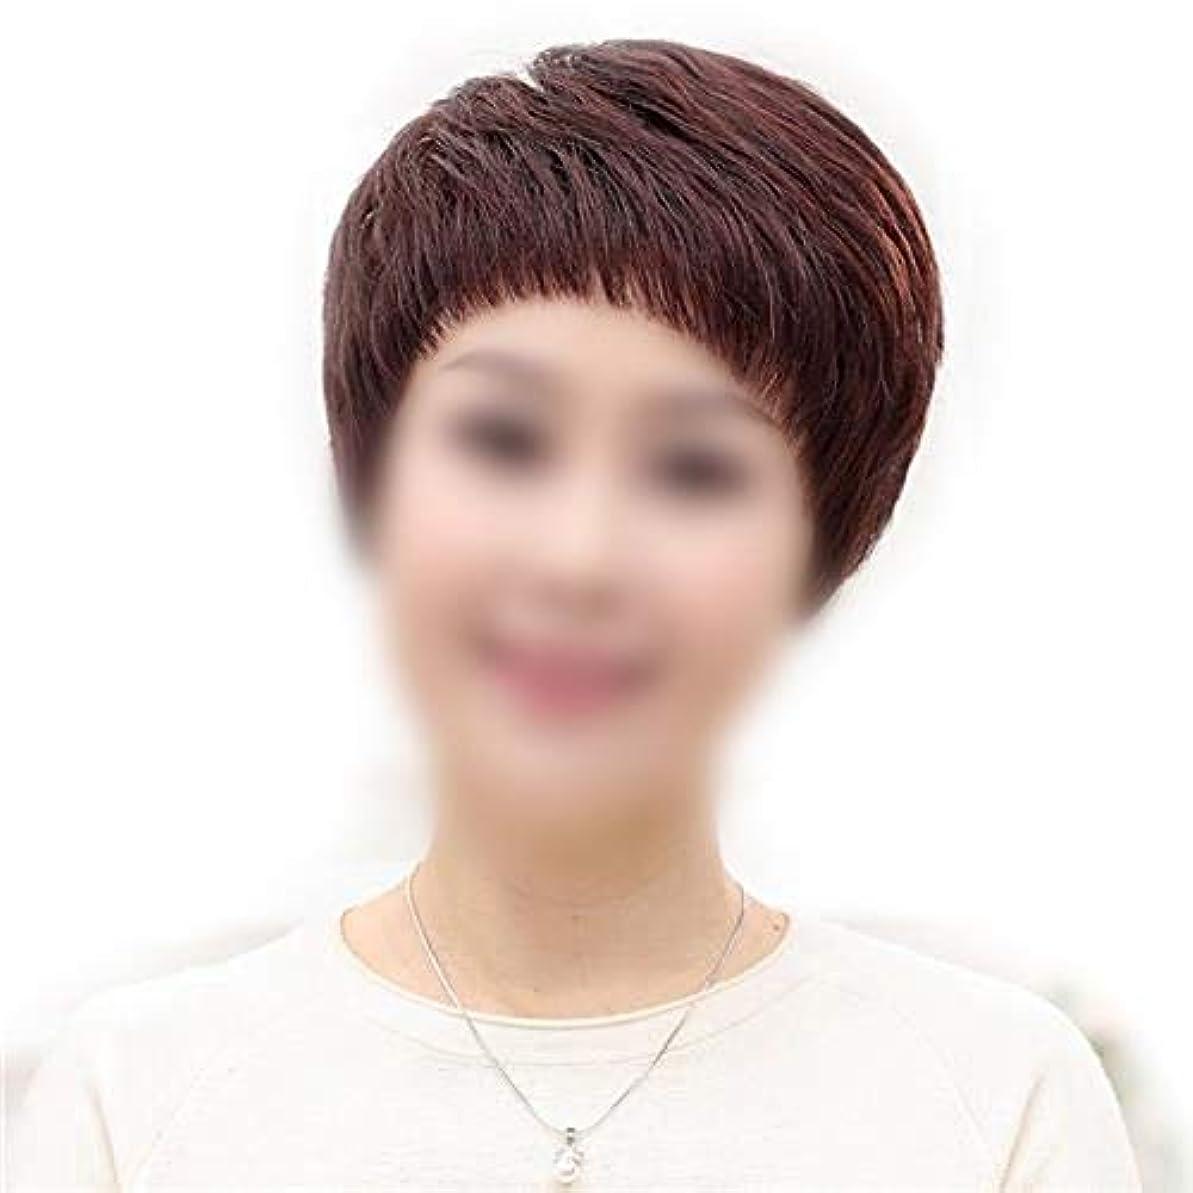 ヒューマニスティック悔い改める悪党YOUQIU 女子ショートストレート髪のフルハンド織実ヘアウィッグデイリードレスウィッグ (色 : Natural black)